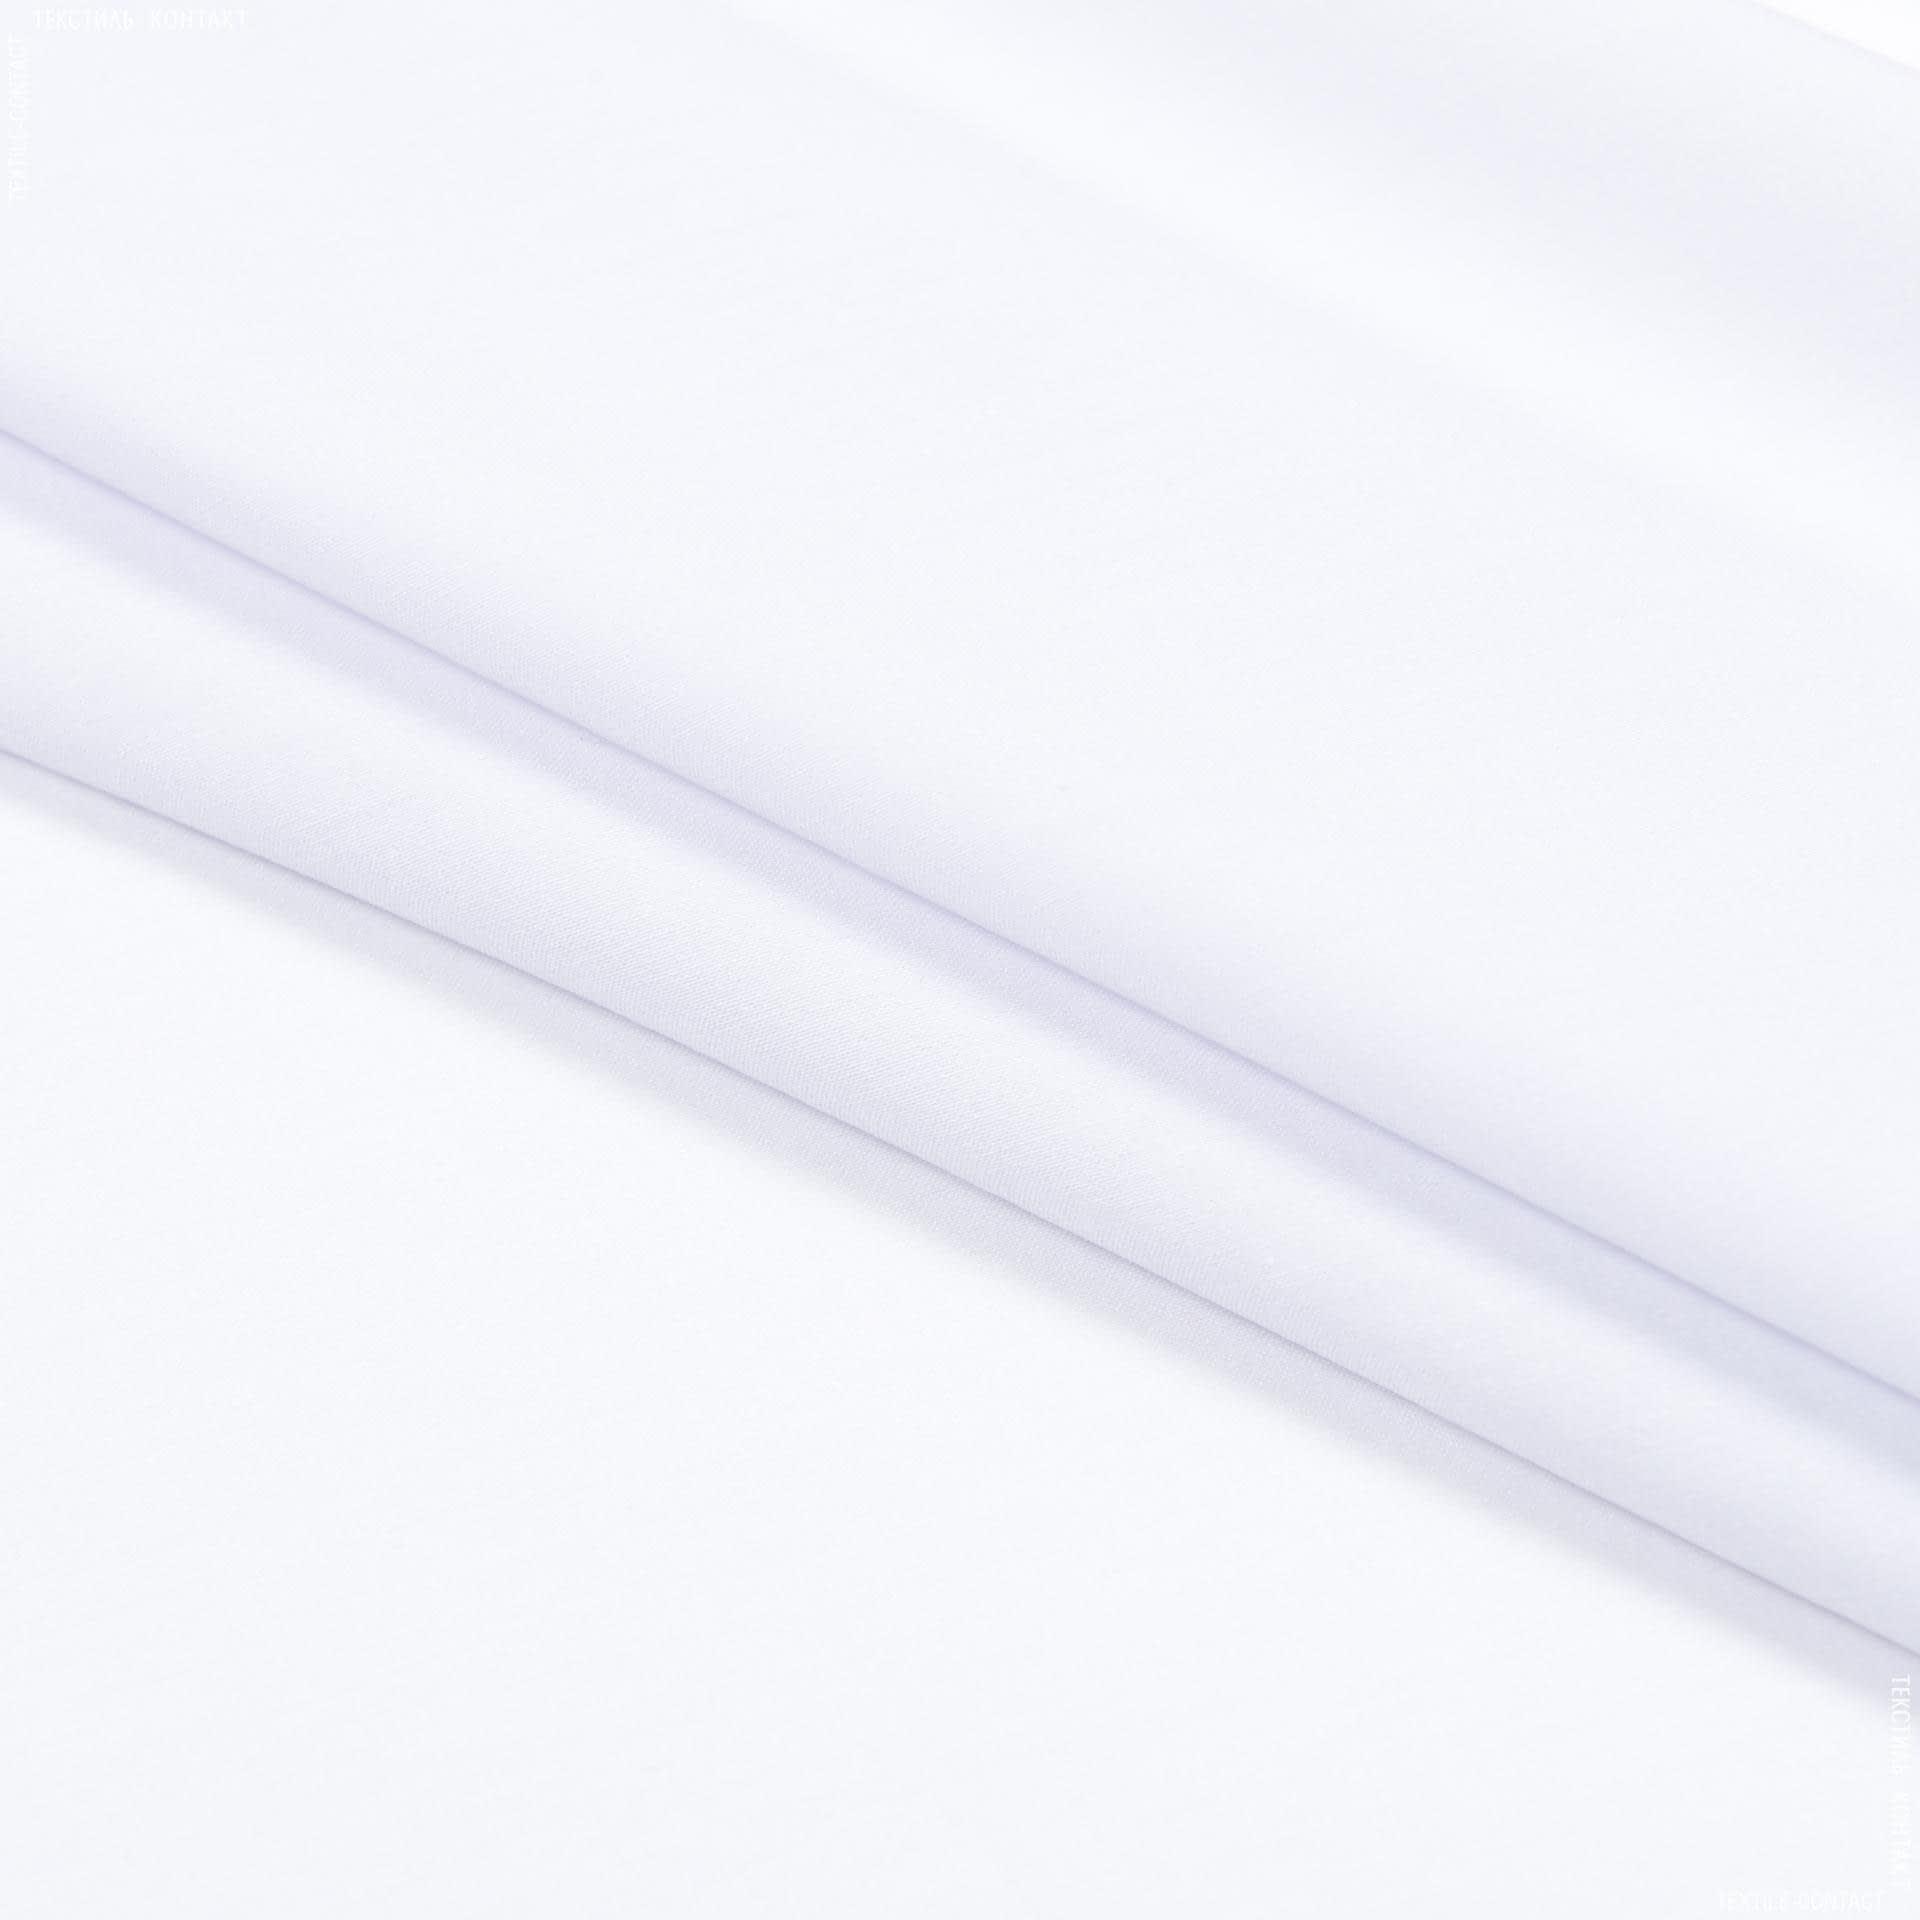 Тканини для суконь - Поплін стрейч білий